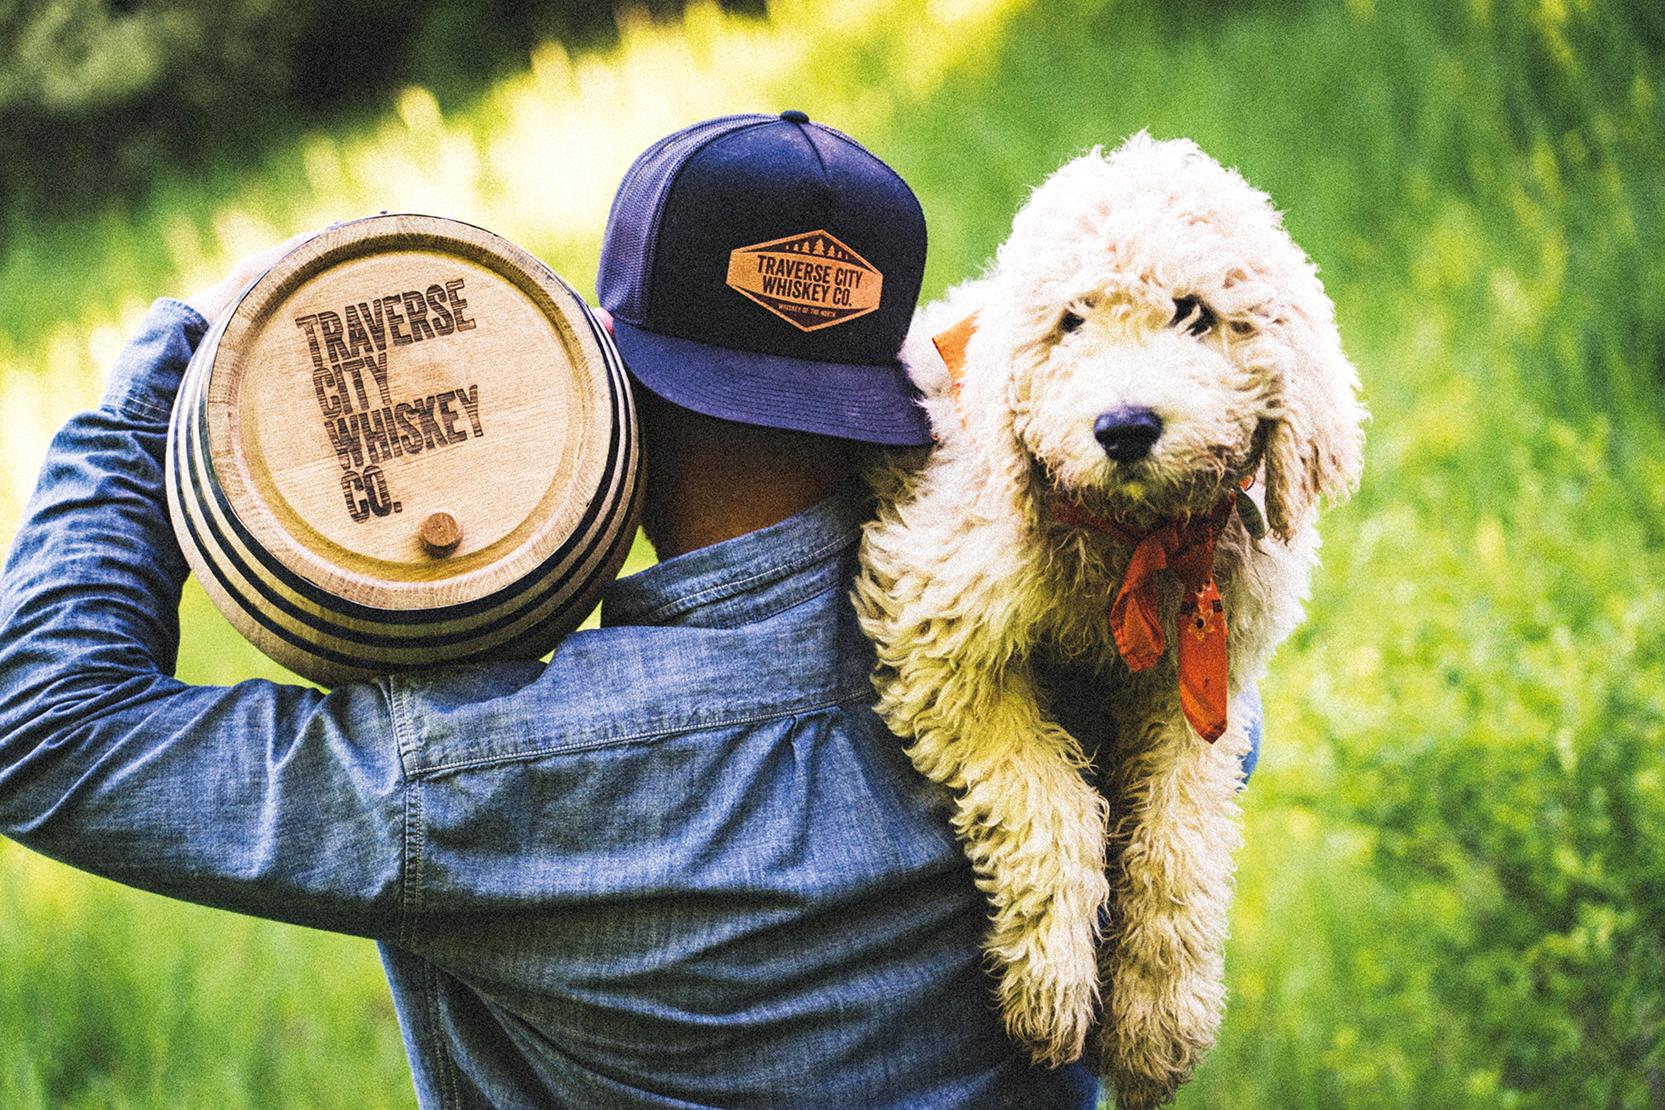 Islay Traverse City Whiskey